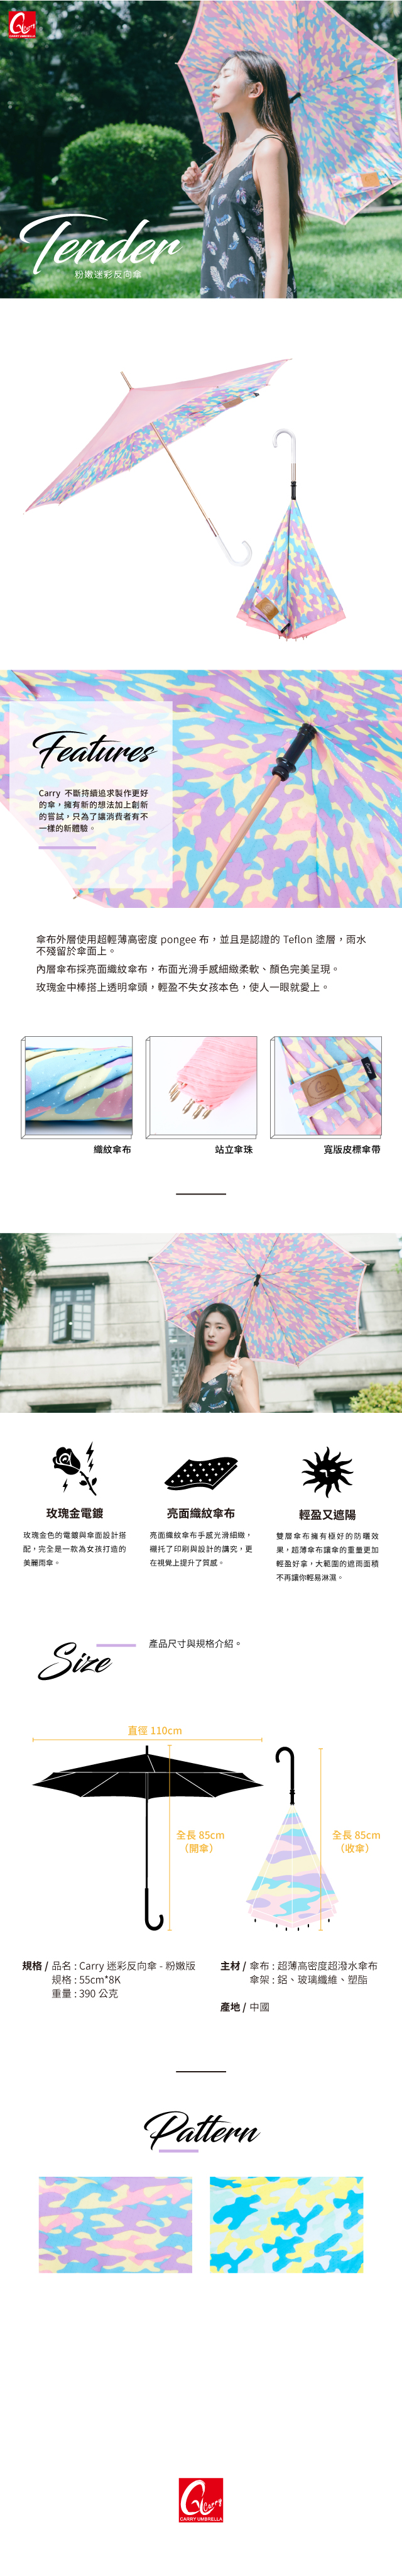 (複製)Carry 粉嫩迷彩反向傘 - 香草天空